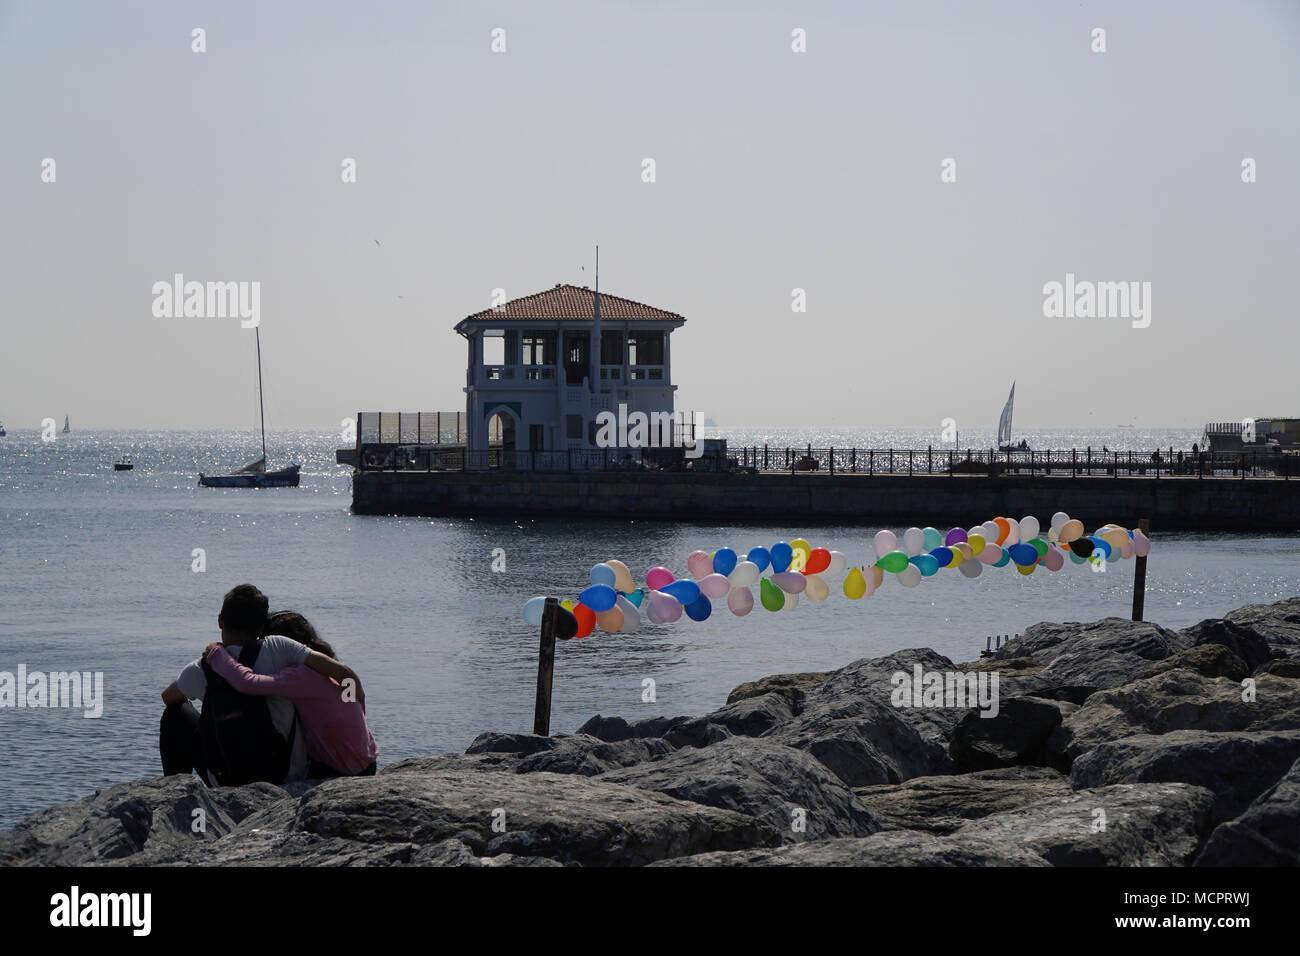 Istanbul, Turchia - 14 Aprile 2018 : giovani turche giovane sono seduti sulle rocce e abbracciando alla spiaggia di Kadikoy, distretto di moda. Immagini Stock